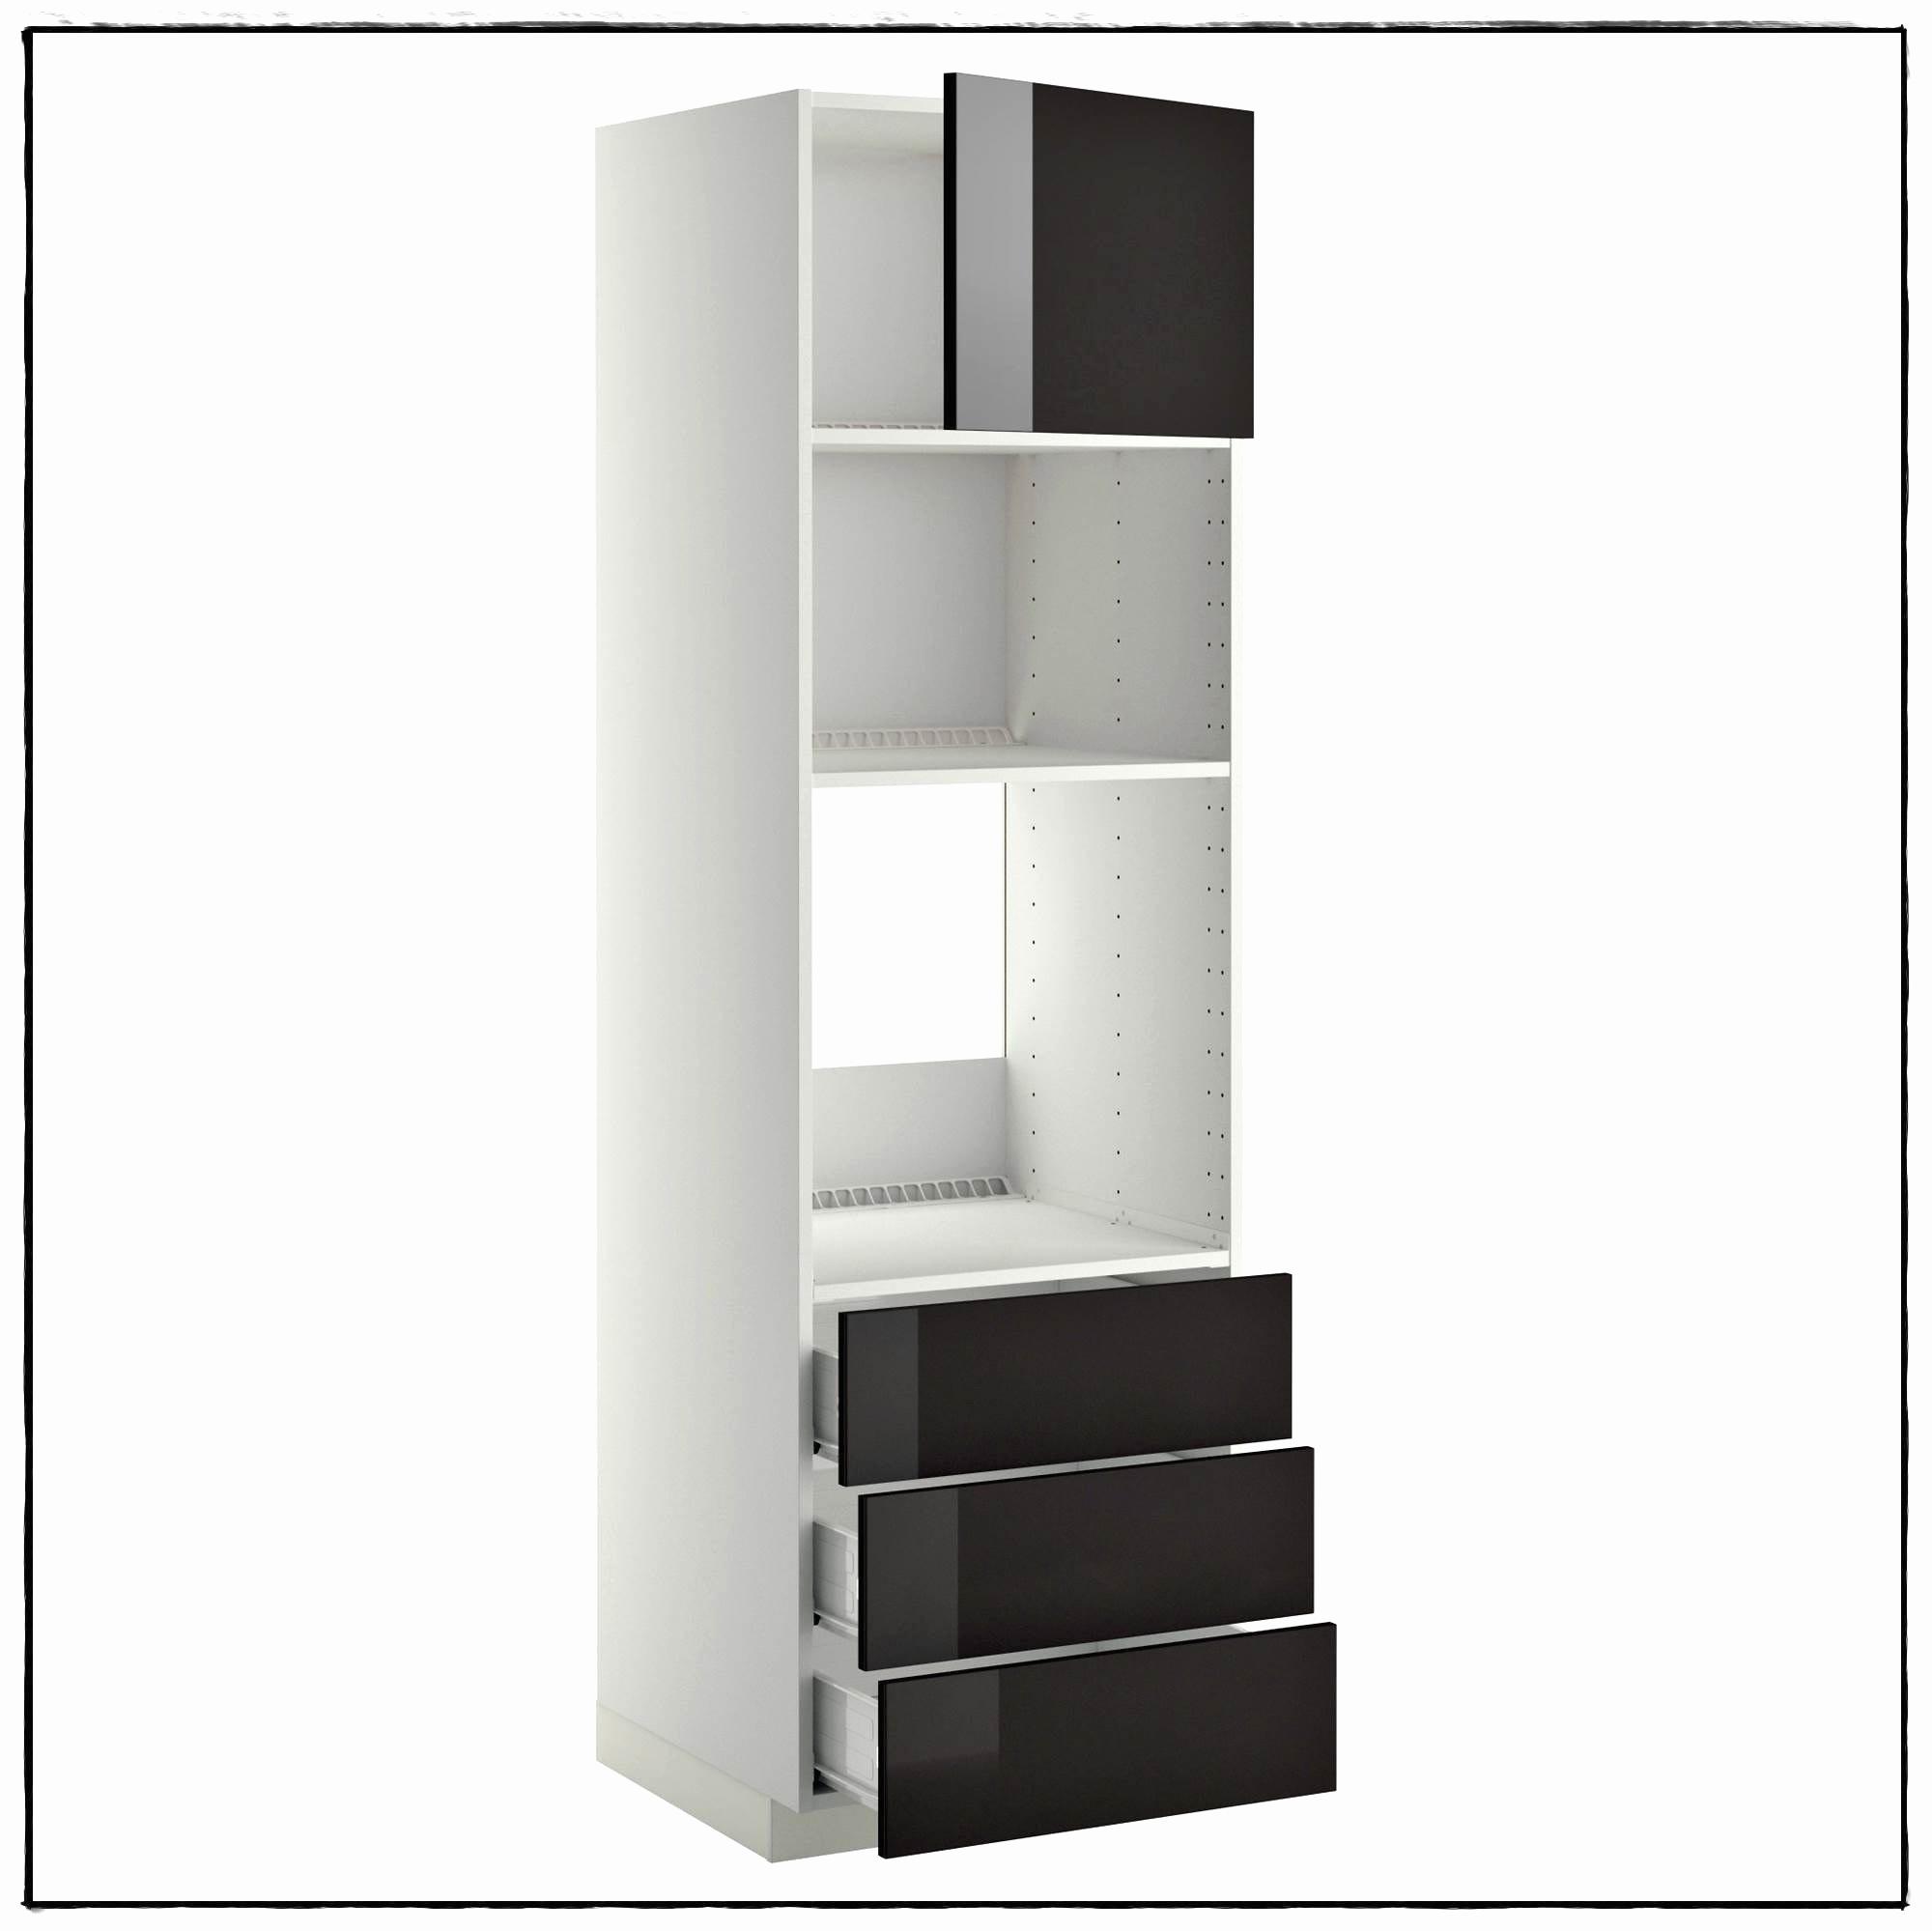 casier en fer meilleur de 30genial meuble fer ikea anciendemutu of casier en fer